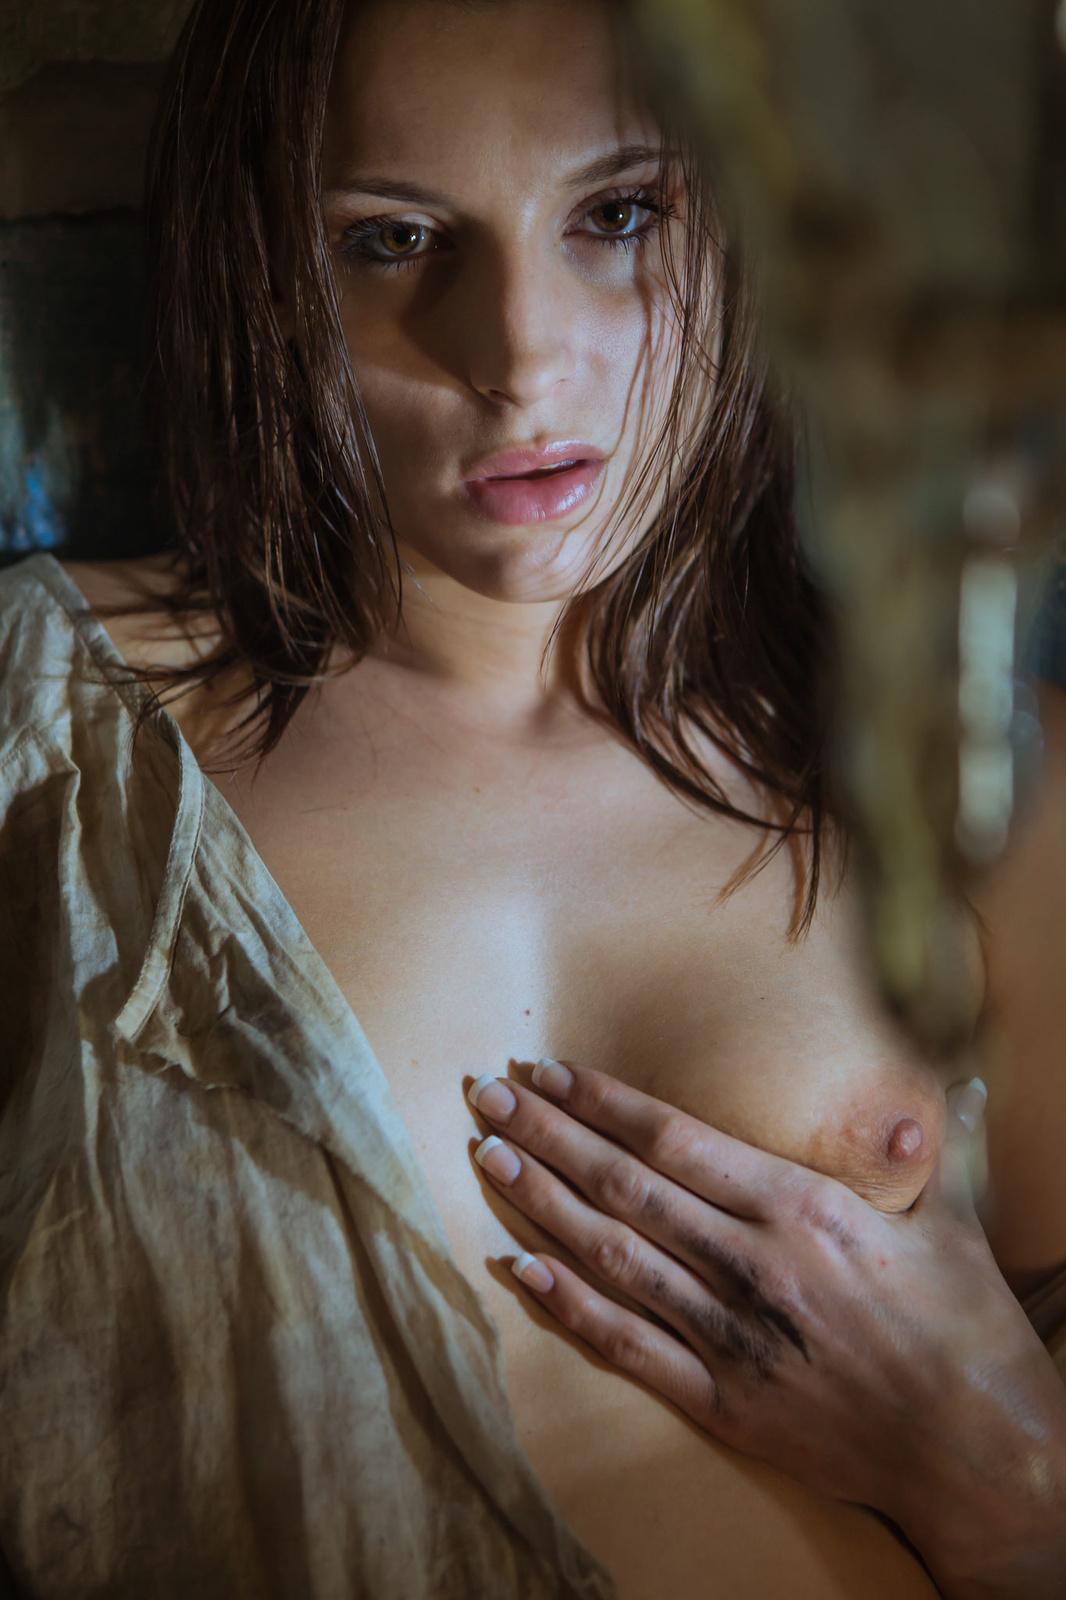 Zdjęcie porno - 0913 - Mokre ciałko